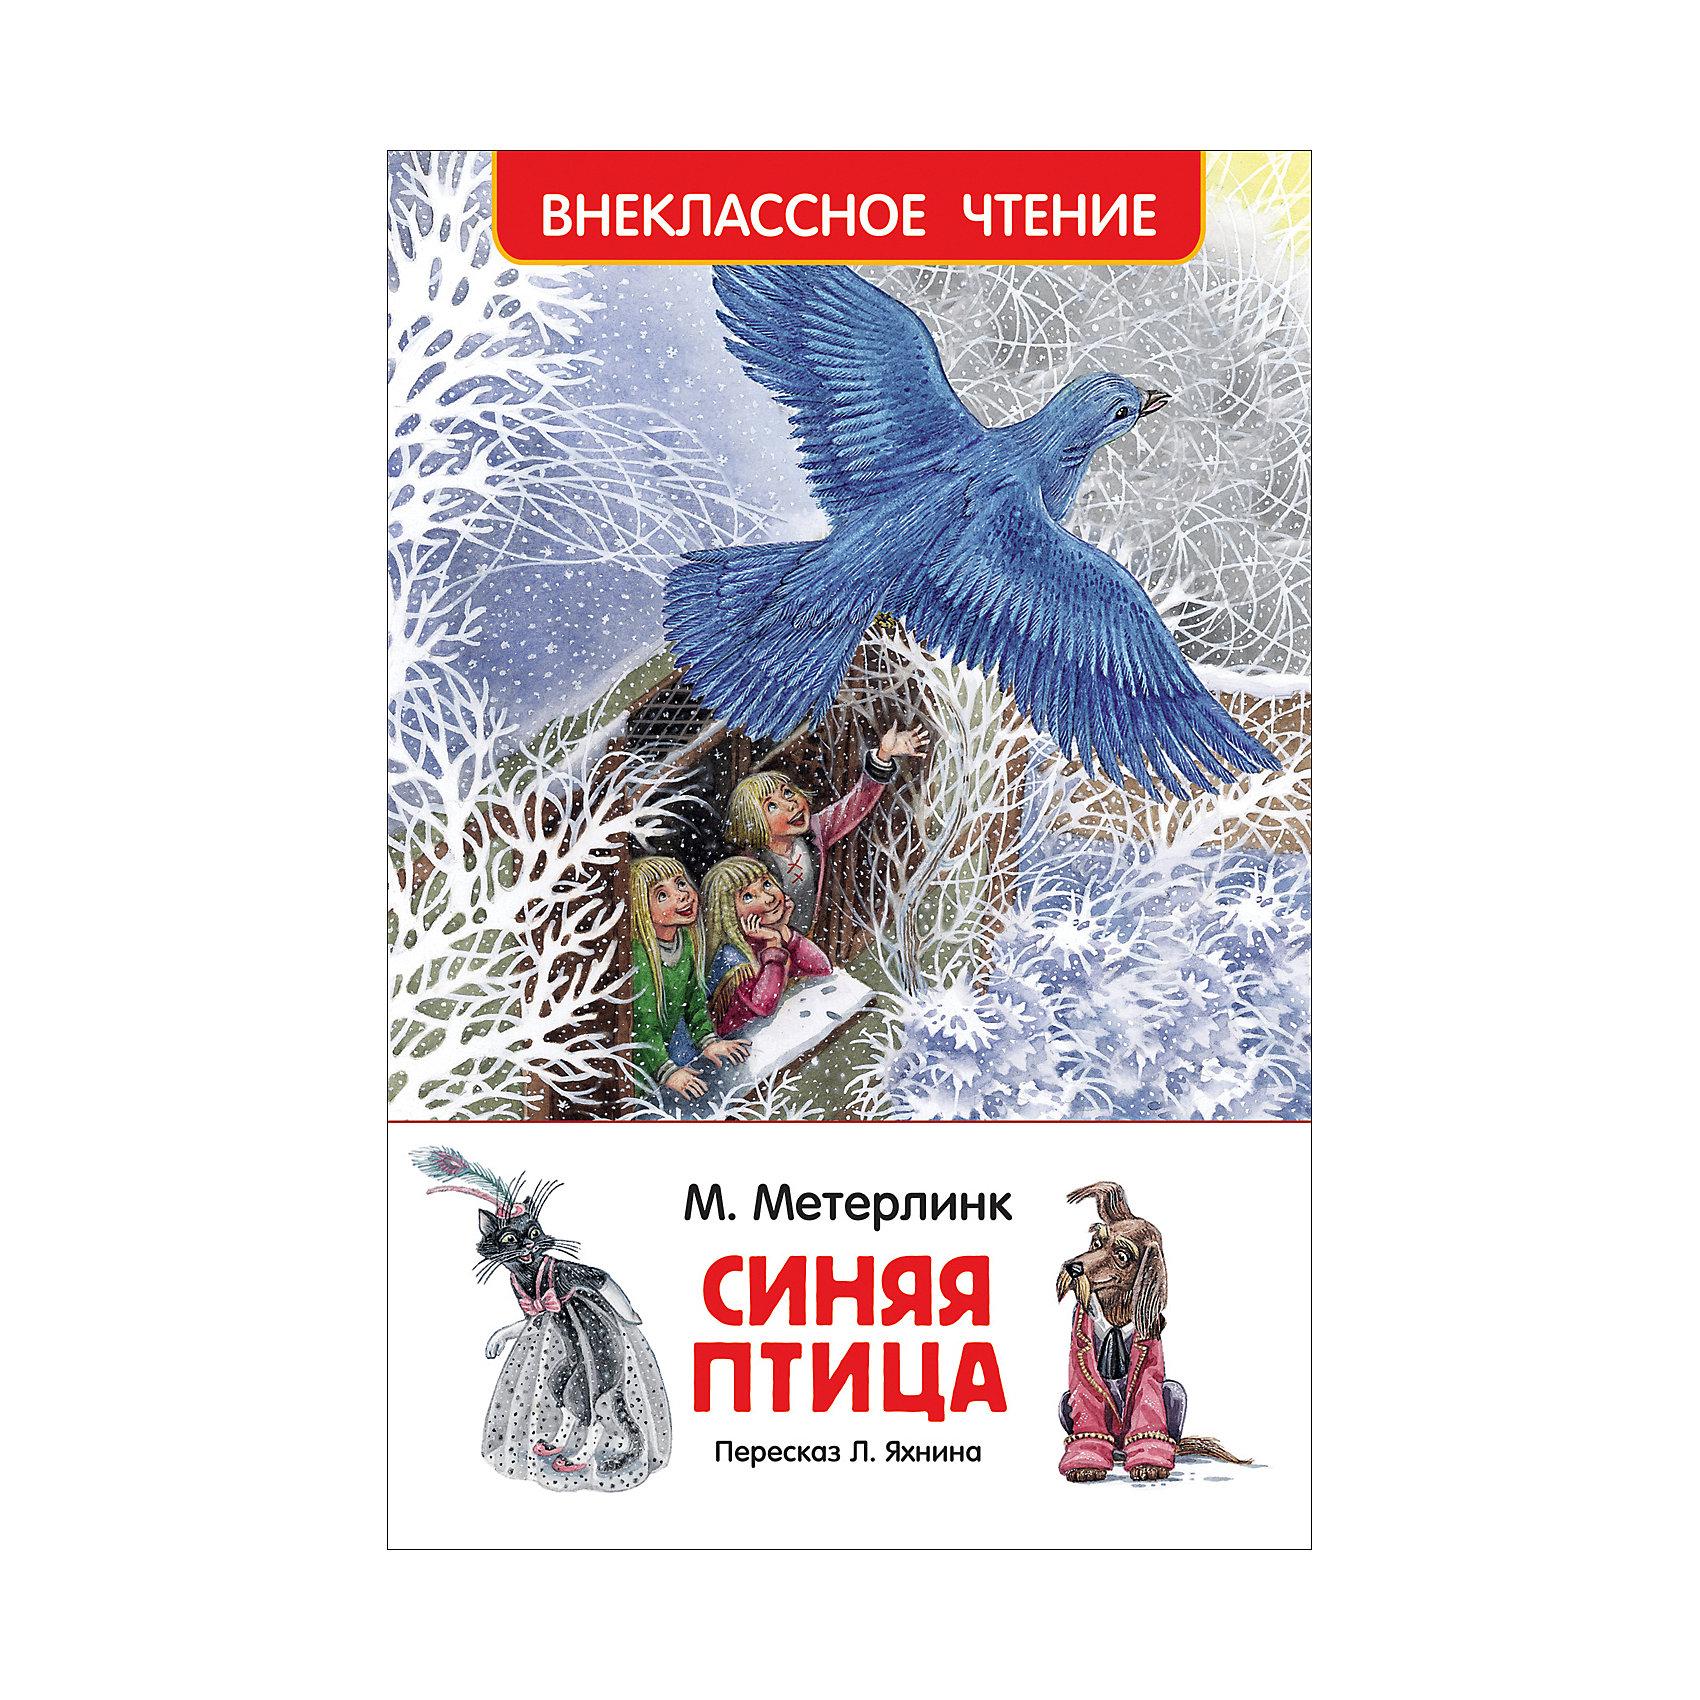 Книжка Синяя птица,  RosmanСказки, рассказы, стихи<br>В рождественскую ночь брат и сестра Тильтиль и Митиль отправились на поиски неуловимой Синей птицы - птицы счастья. Им пришлось пройти долгий путь и преодолеть множество препятствий, чтобы понять: счастье не за горами, оно всегда рядом, нужно лишь научиться находить его в самых обыденных вещах.<br><br>Ширина мм: 202<br>Глубина мм: 130<br>Высота мм: 80<br>Вес г: 170<br>Возраст от месяцев: 84<br>Возраст до месяцев: 2147483647<br>Пол: Унисекс<br>Возраст: Детский<br>SKU: 5453562